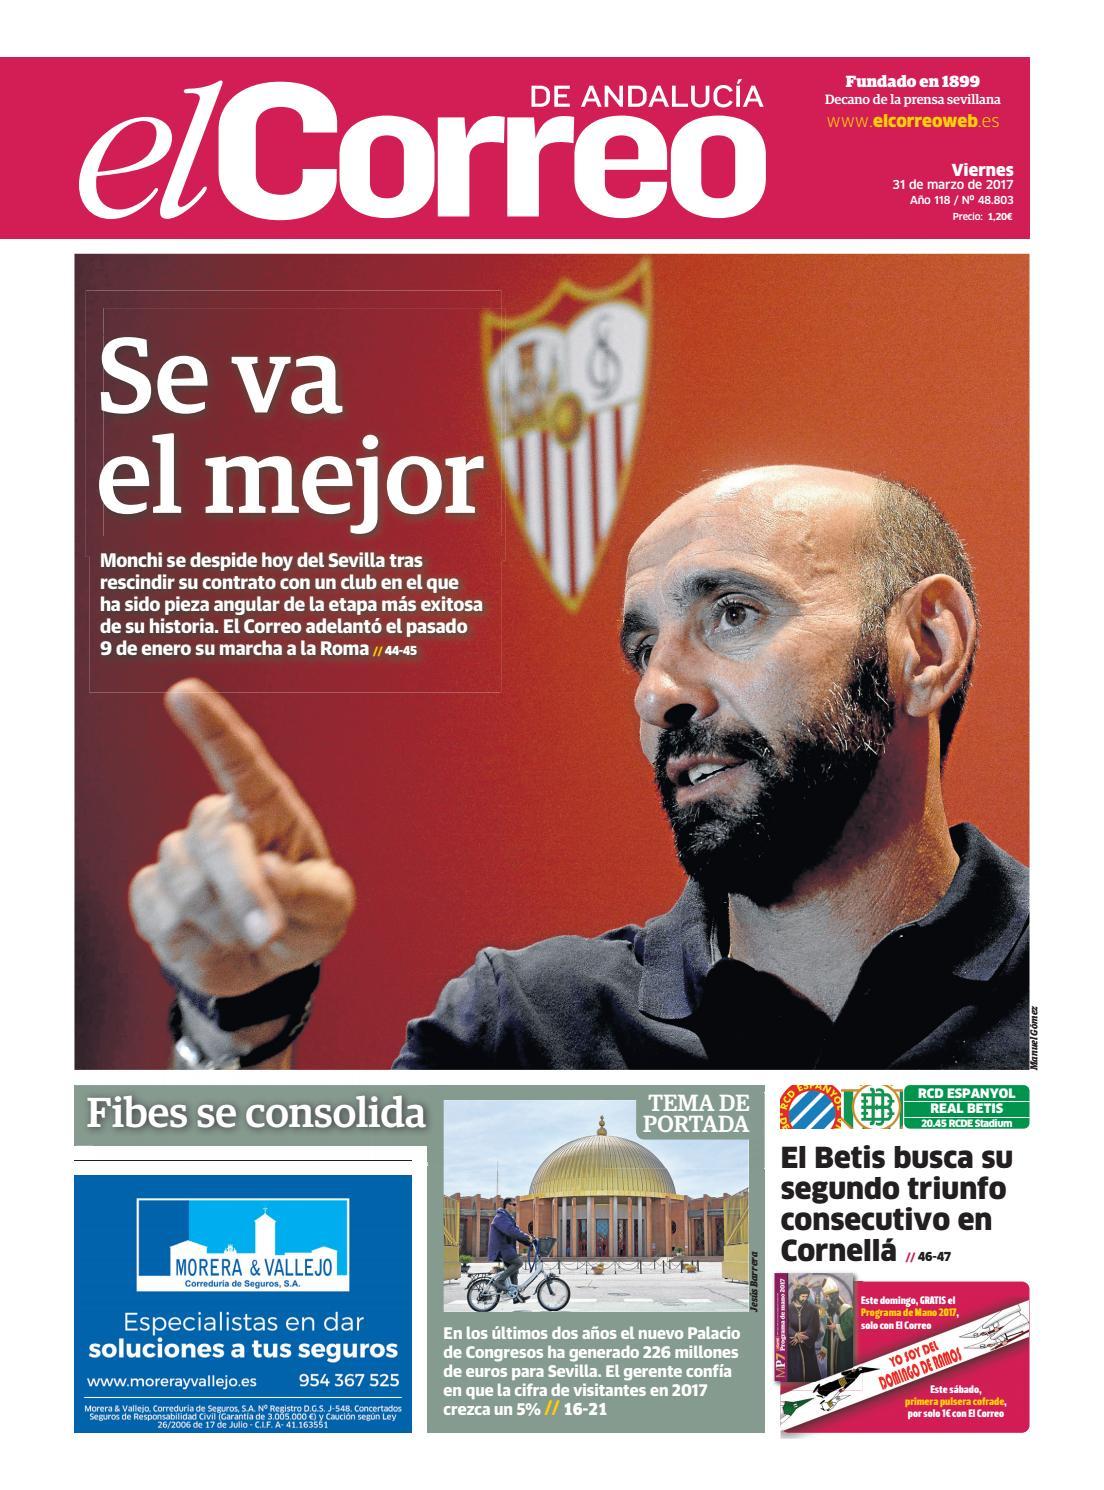 31 03 2017 El Correo de Andalucía by EL CORREO DE ANDALUCÍA ...